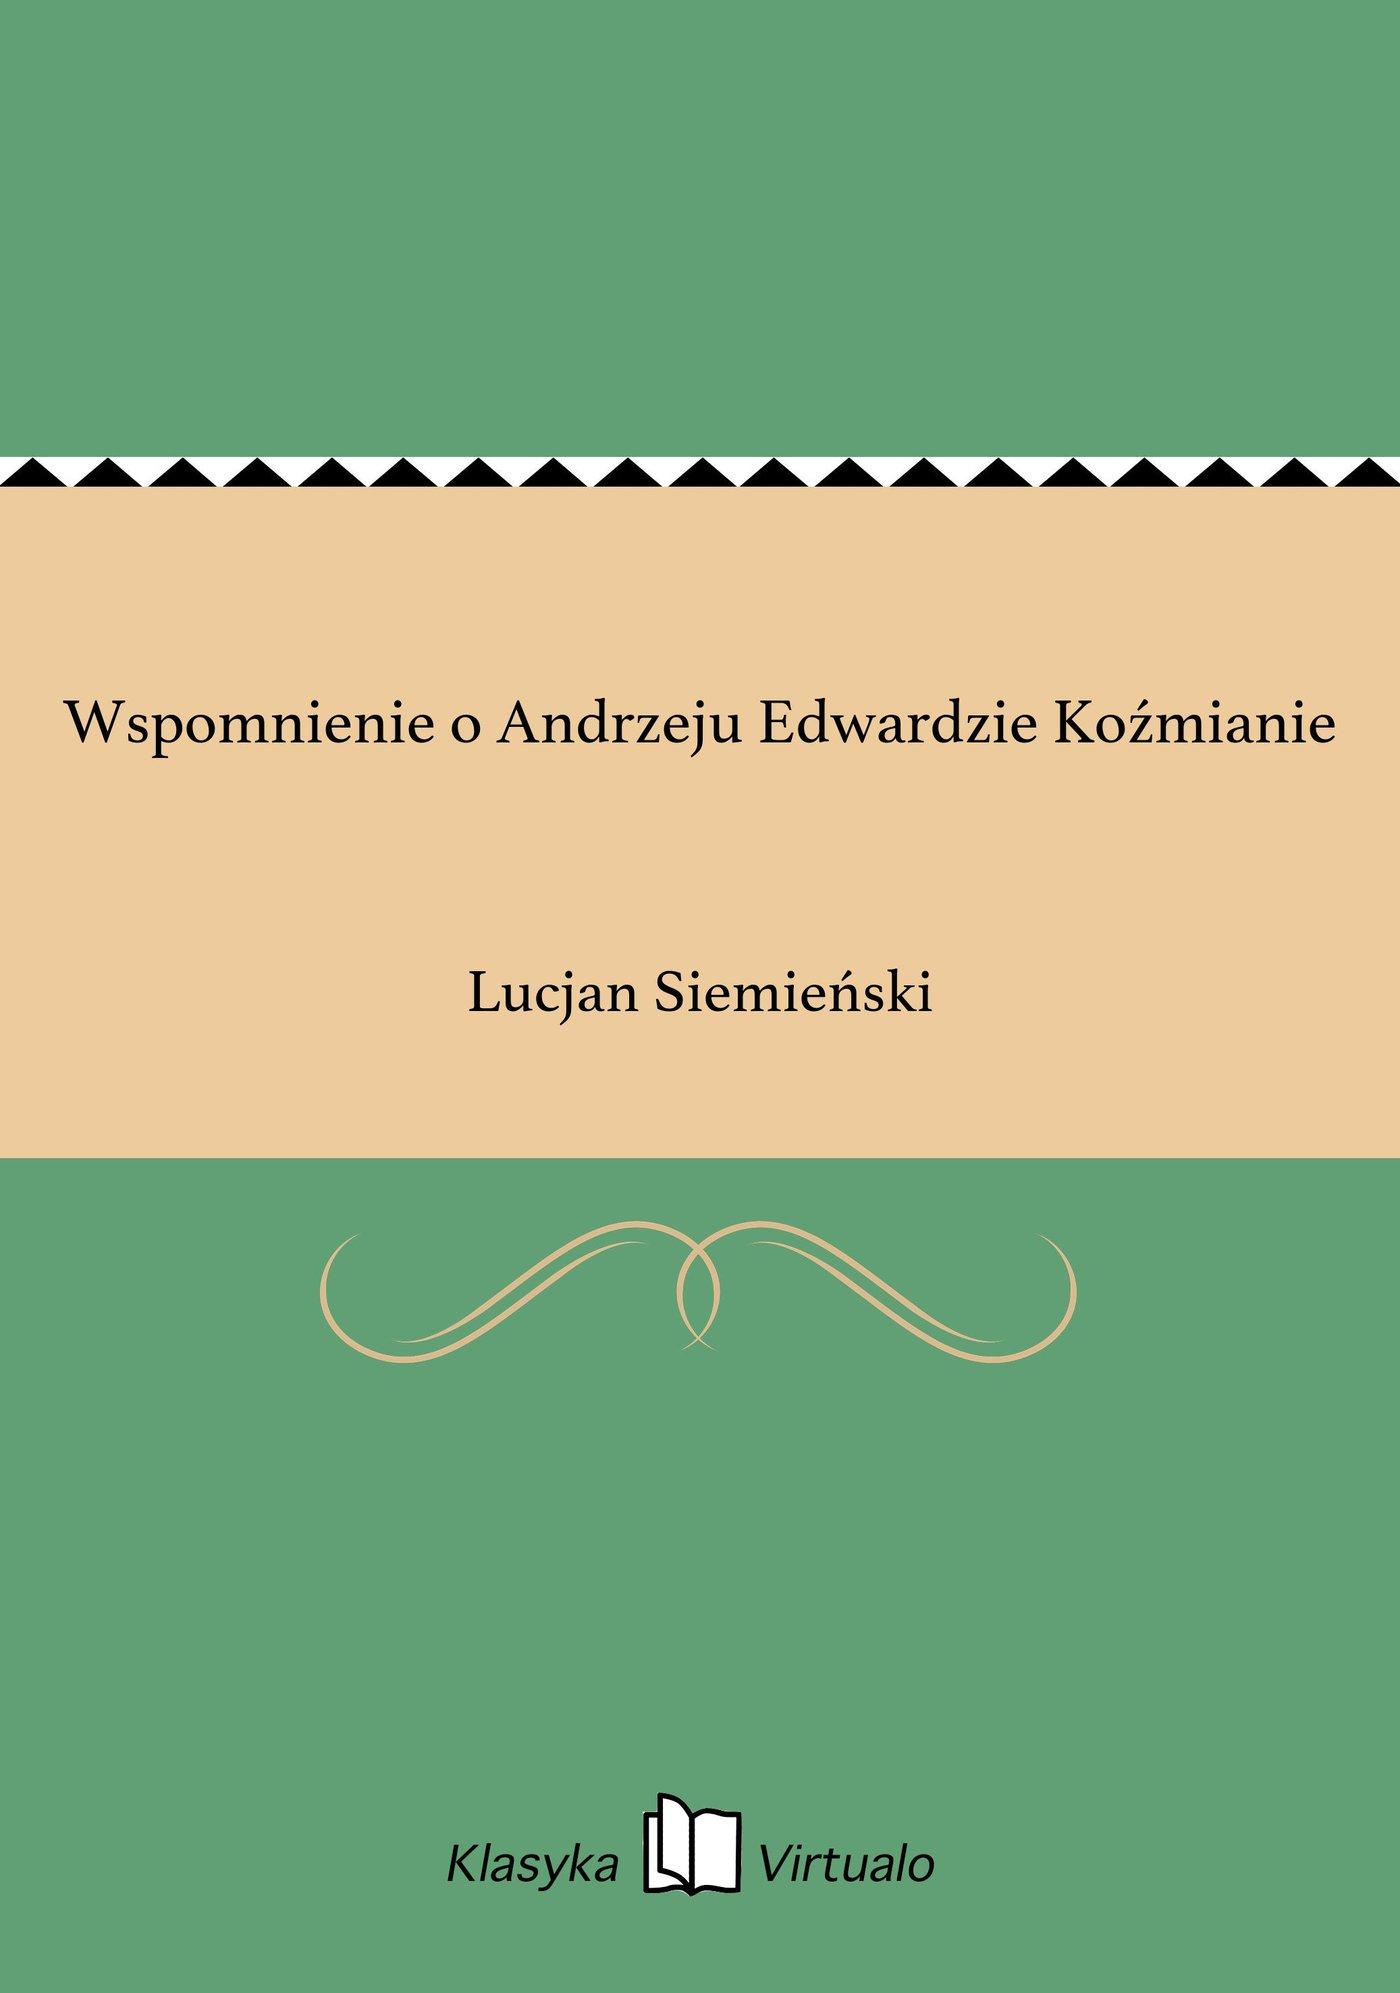 Wspomnienie o Andrzeju Edwardzie Koźmianie - Ebook (Książka EPUB) do pobrania w formacie EPUB